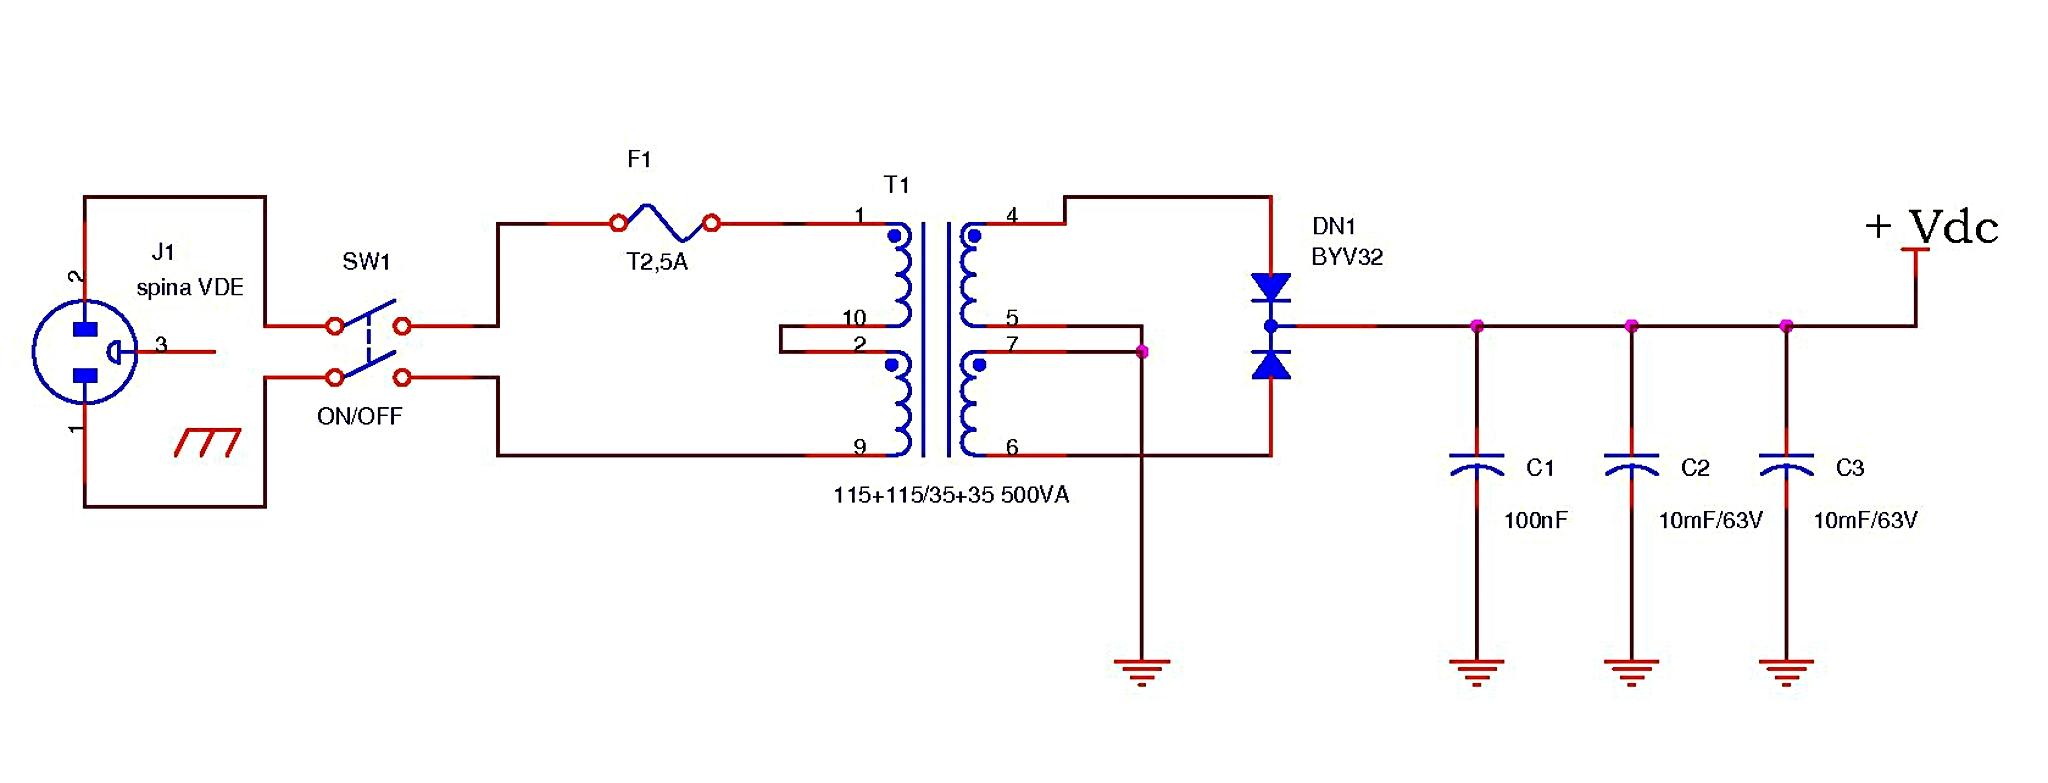 Schema Elettrico Opel Agila : Schema elettrico trasformatore v vitale soluzione della